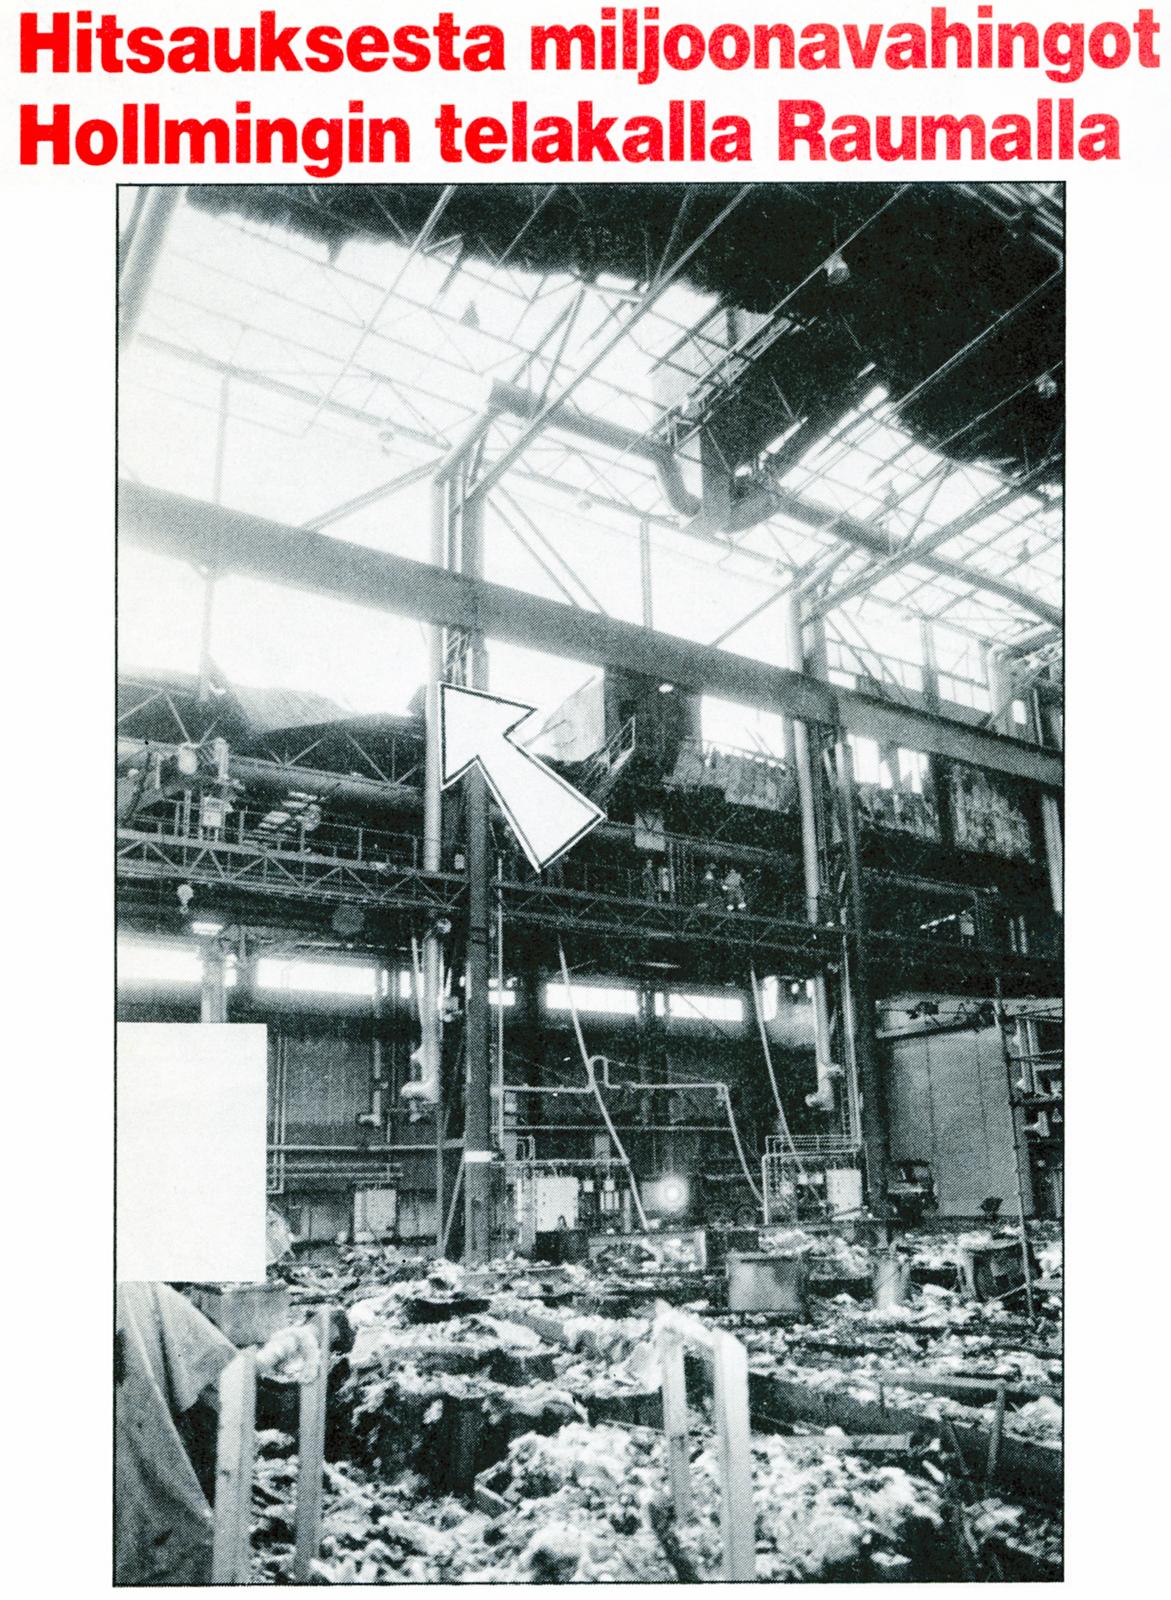 Yleiskuva tuhoutuneesta hallin osasta. Syttymiskohta merkitty nuoleIla. Vaikealla läiskällä vasemmalla on peitetty valmisteilla oleva sota-alus.